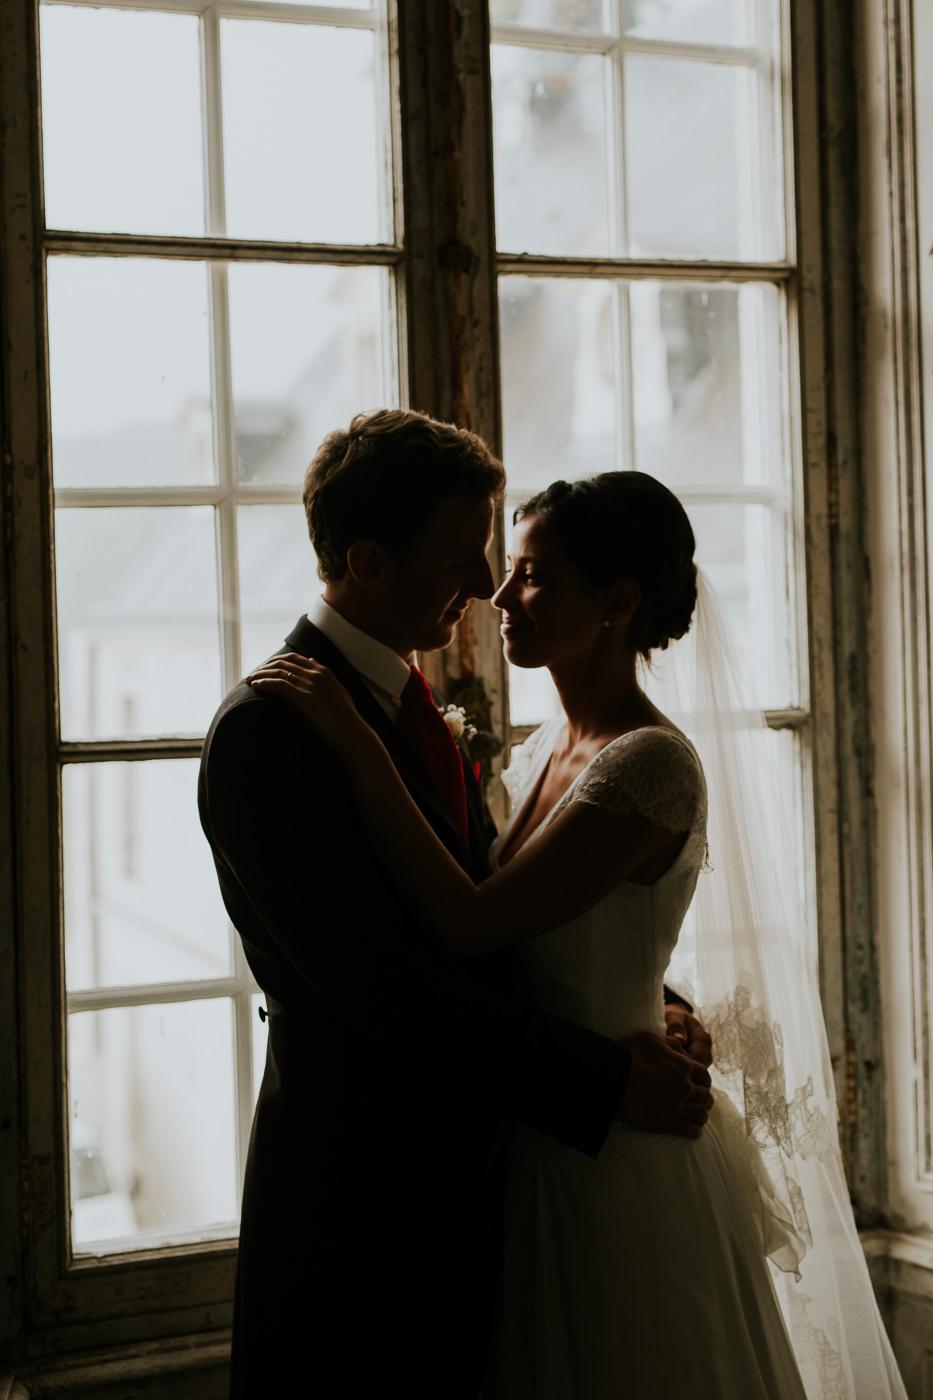 photographe mariage domaine pommeraye 3